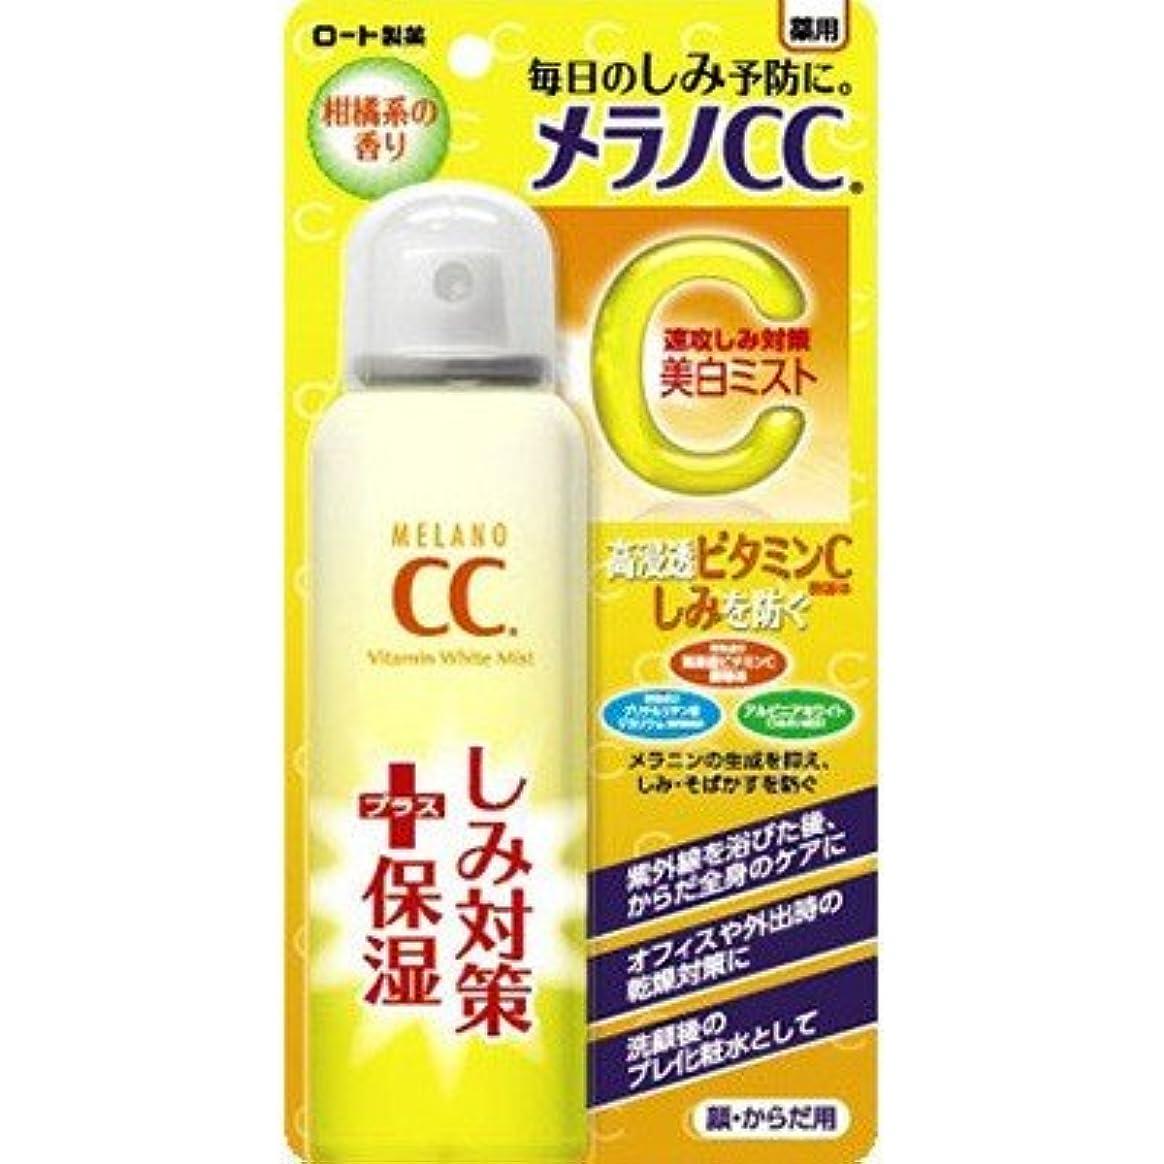 スケルトン極端な散らすメラノCC 薬用 しみ対策 美白ミスト化粧水 100g [並行輸入品]